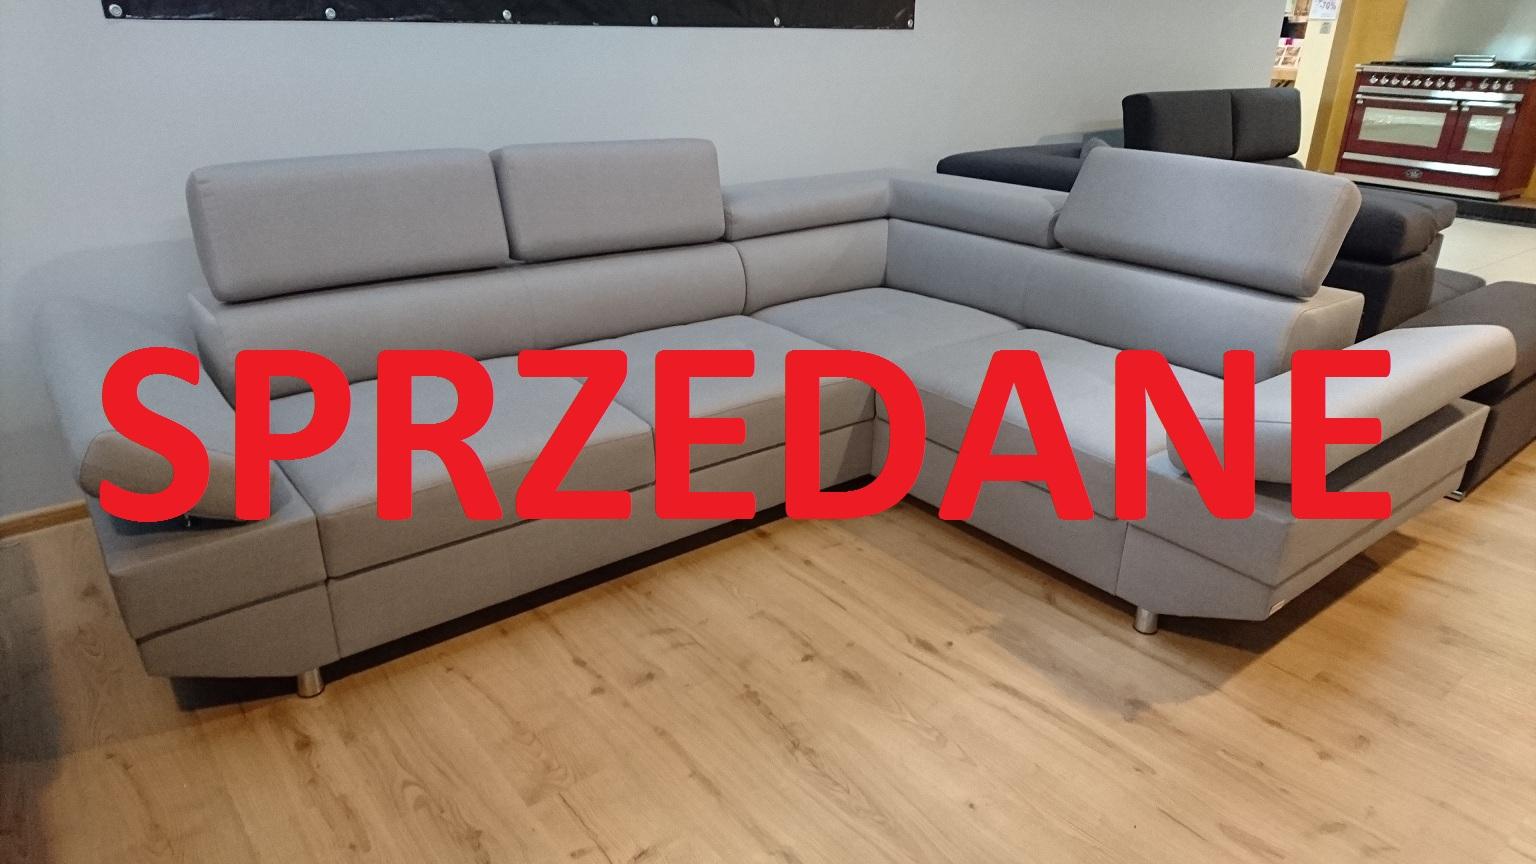 STRADA CAYA DESIGN Warszawa Studio Komfort narożnik z funkcją spania i pojemnikiem tkanina NOVELL 11 od FARGOTEX SPRZEDANE